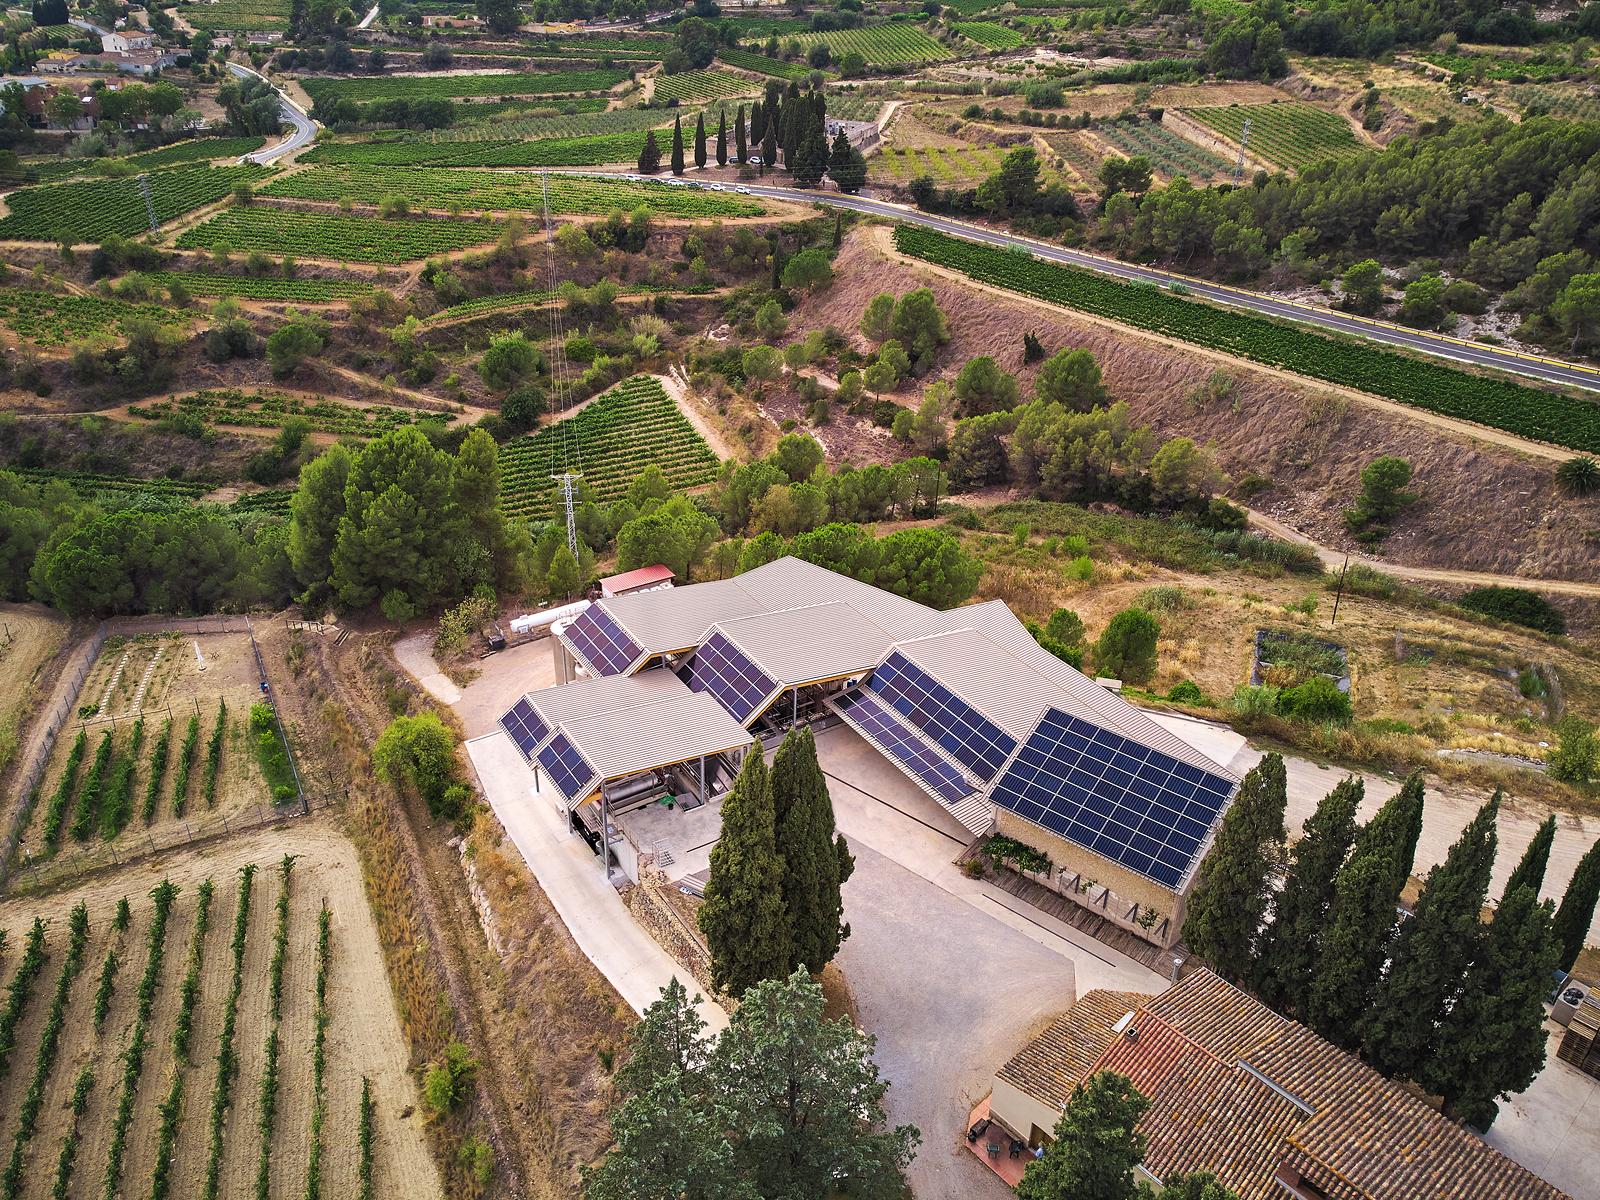 Albet i Noya ha instal·lat plaques solars sobre el nou Celler de l'Era | cedida pel celler